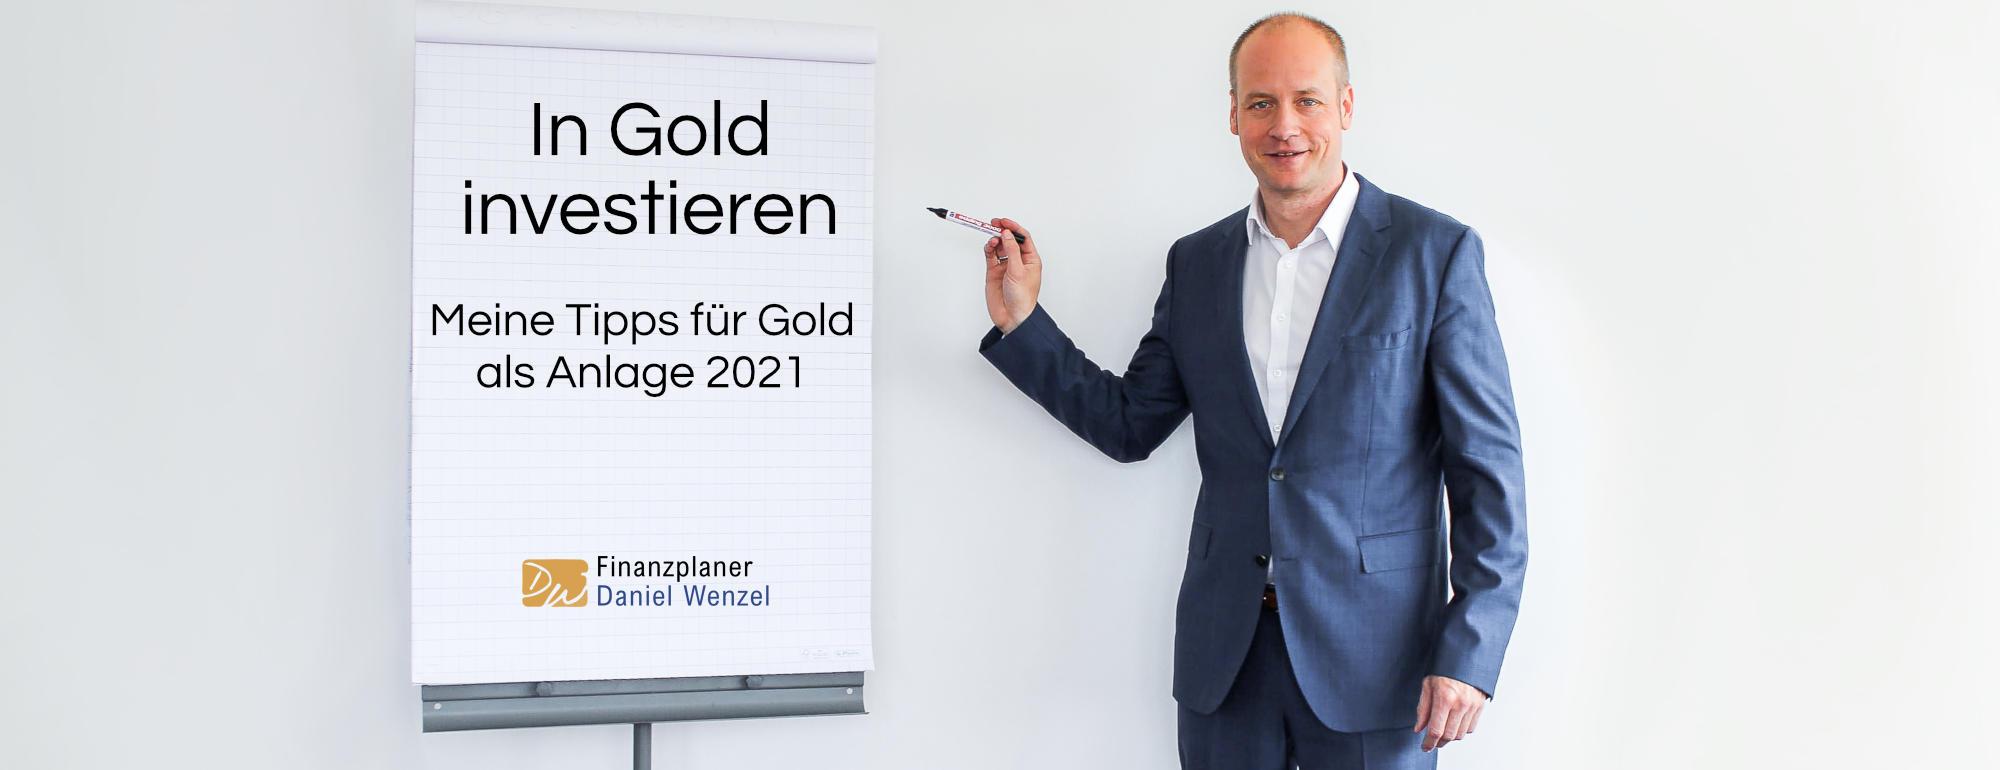 In Gold investieren – Meine Tipps für Gold als Anlage 2021